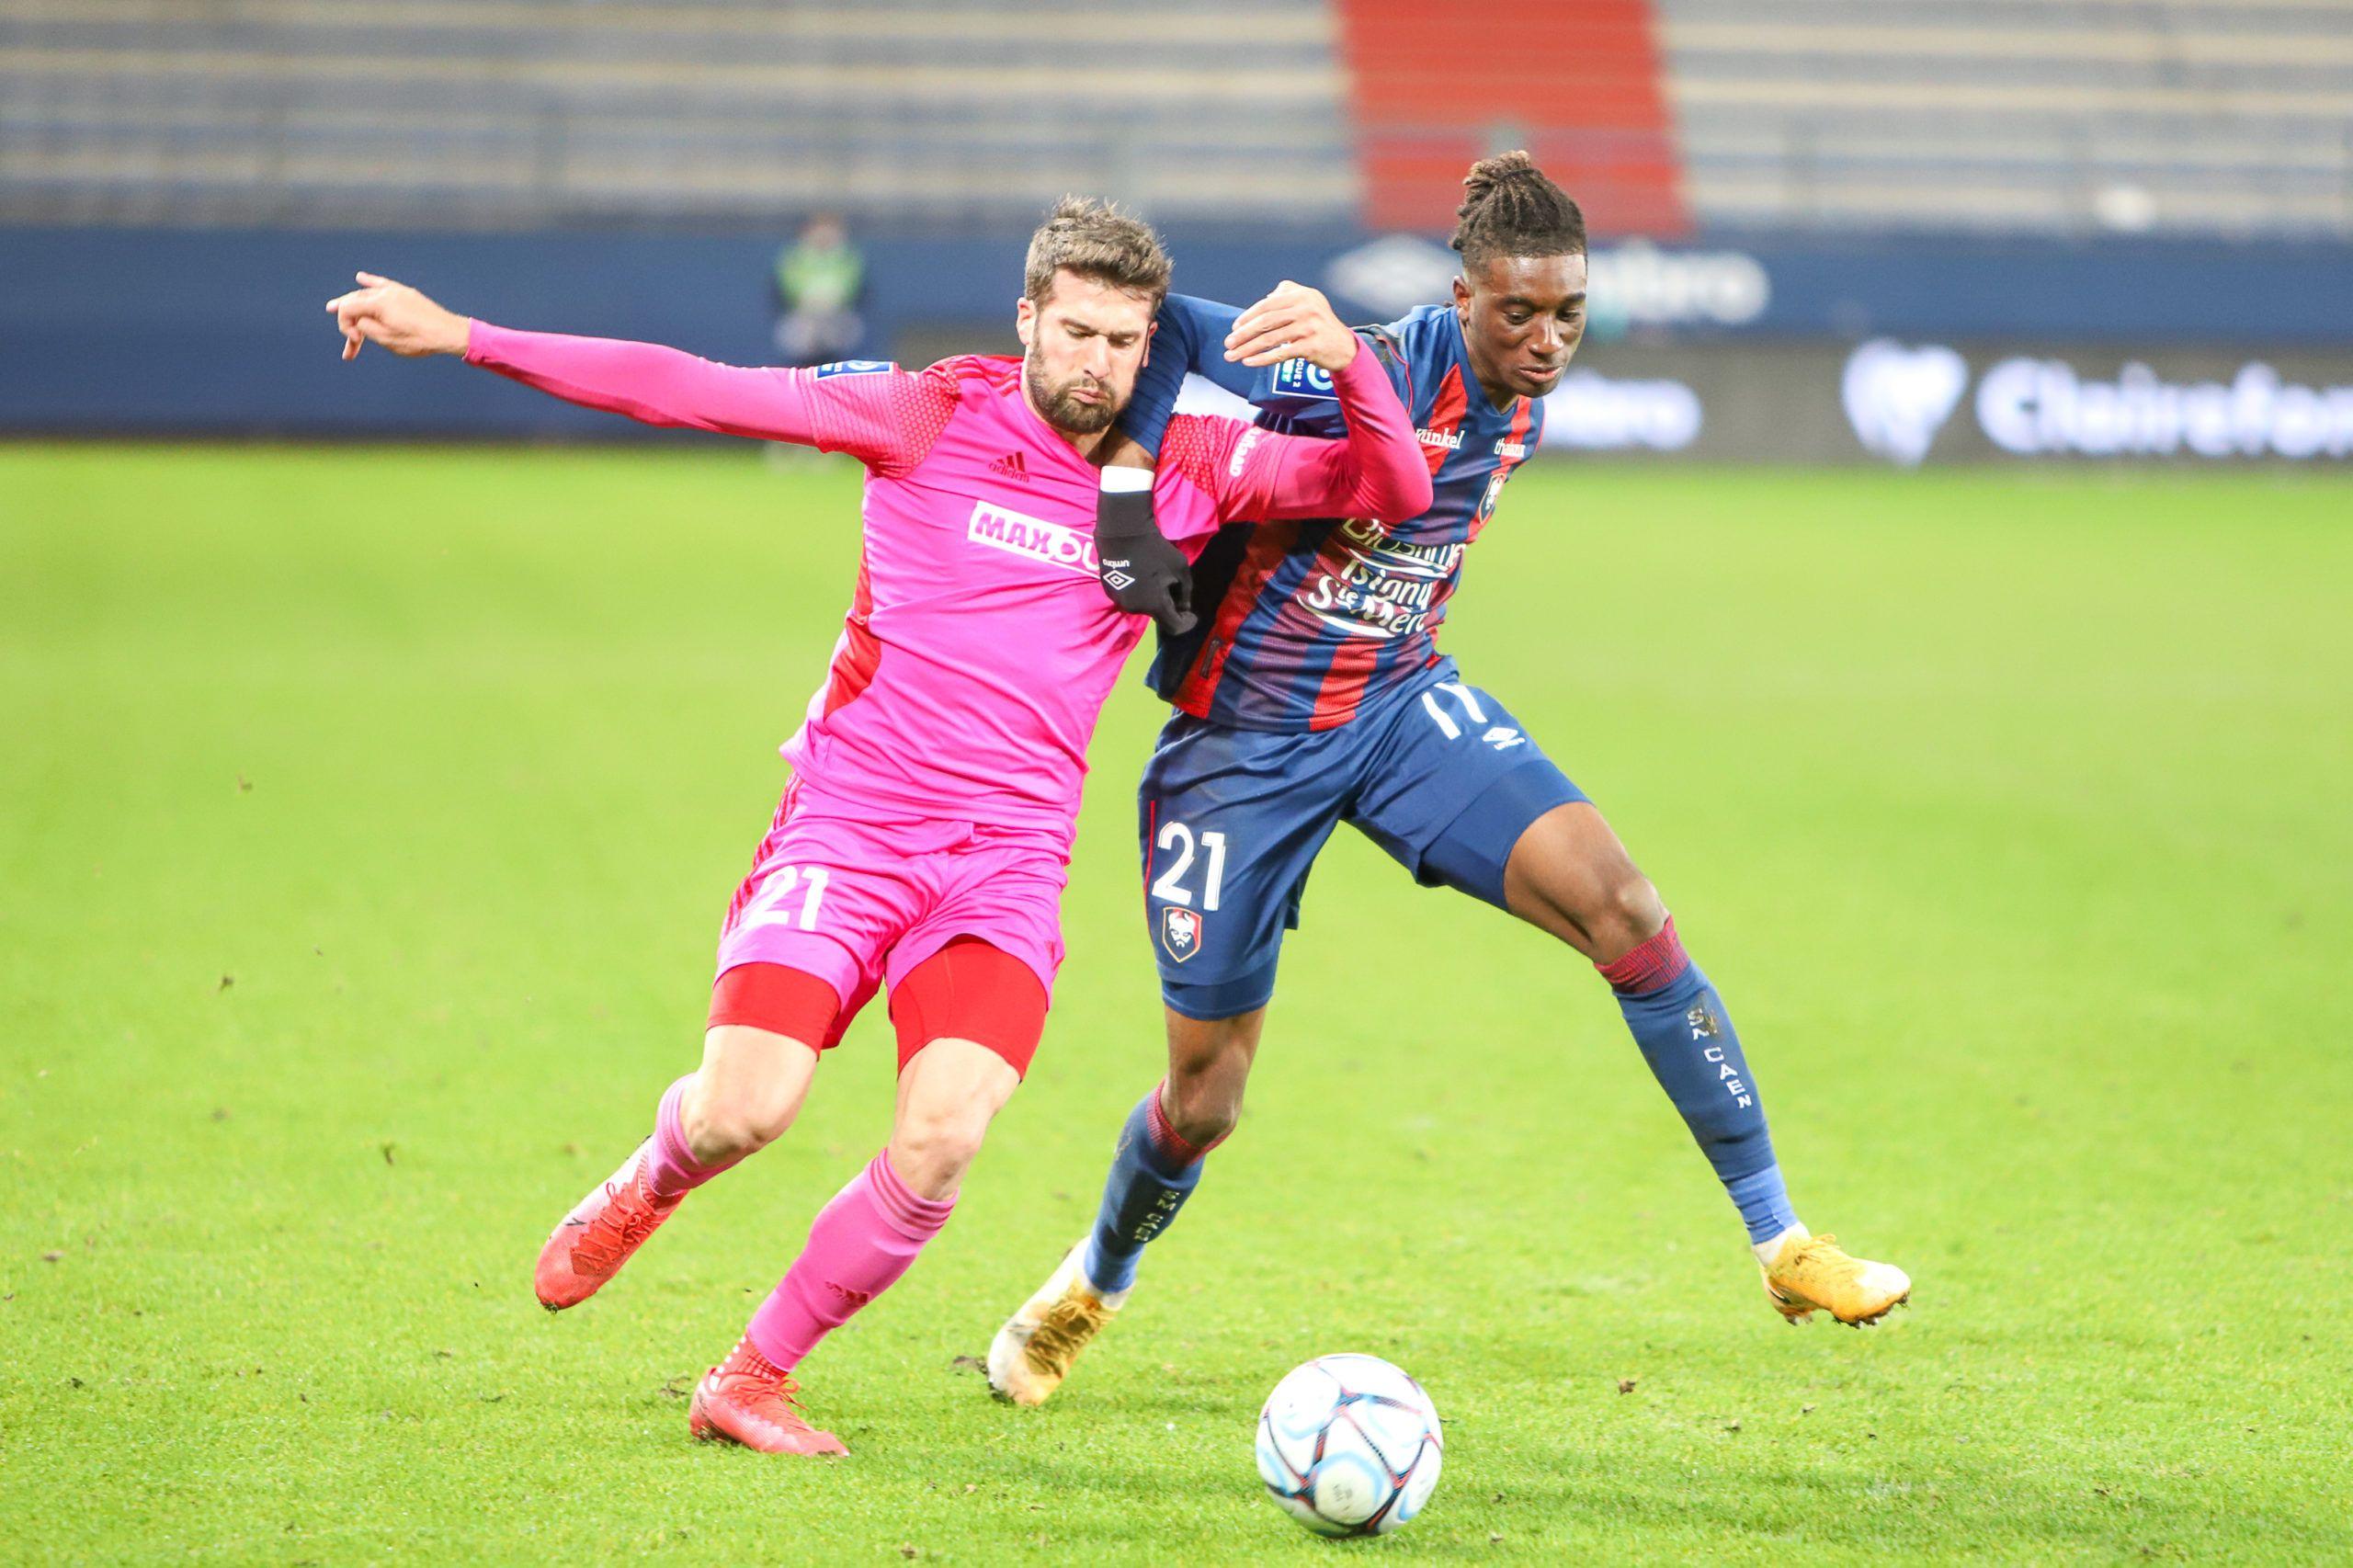 Les chiffres marquants après la défaite du SM Caen face à Rodez